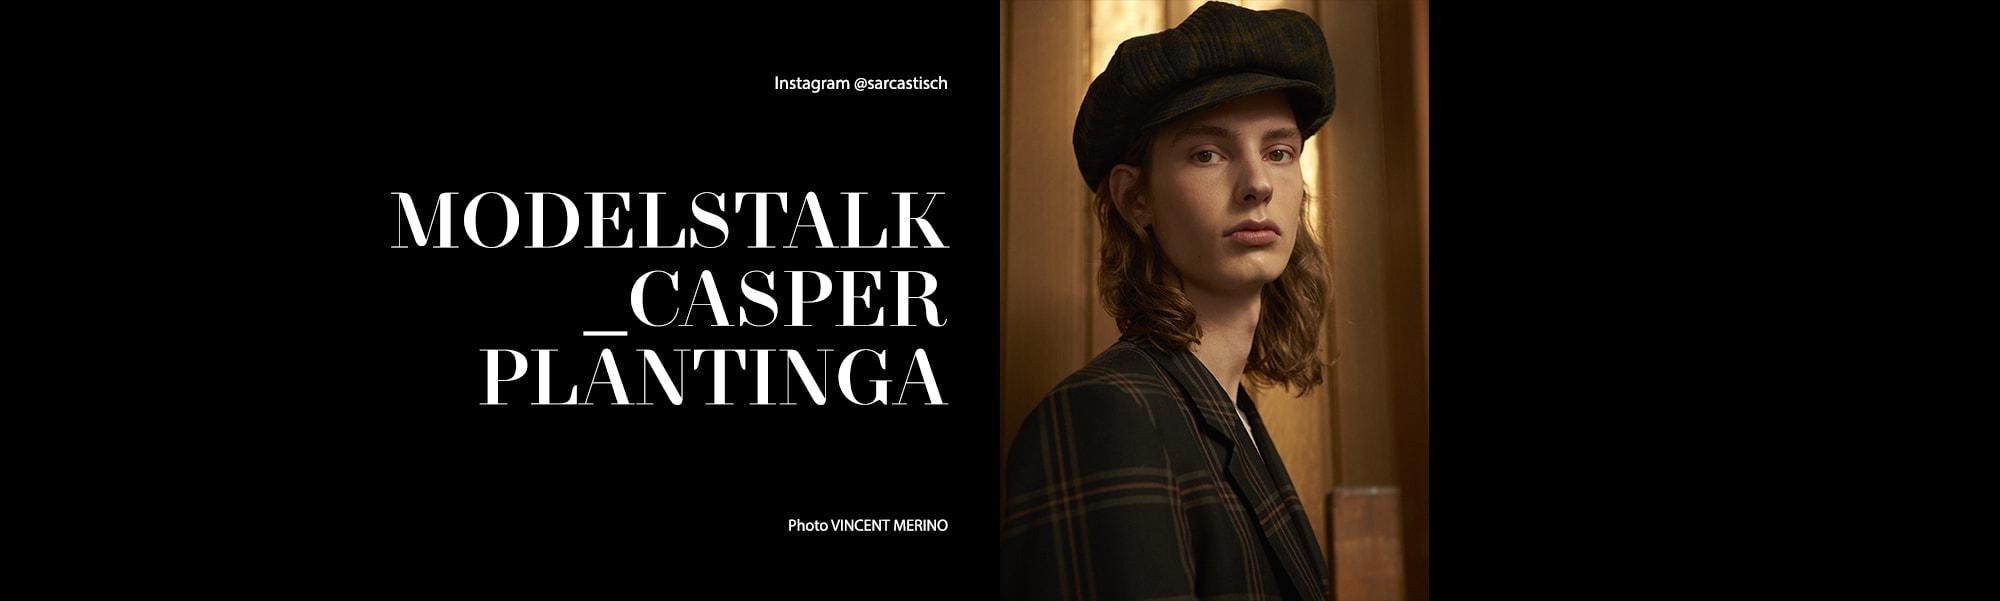 casper-platinga-banner-landing-thegreatestmagazine-talking-heads